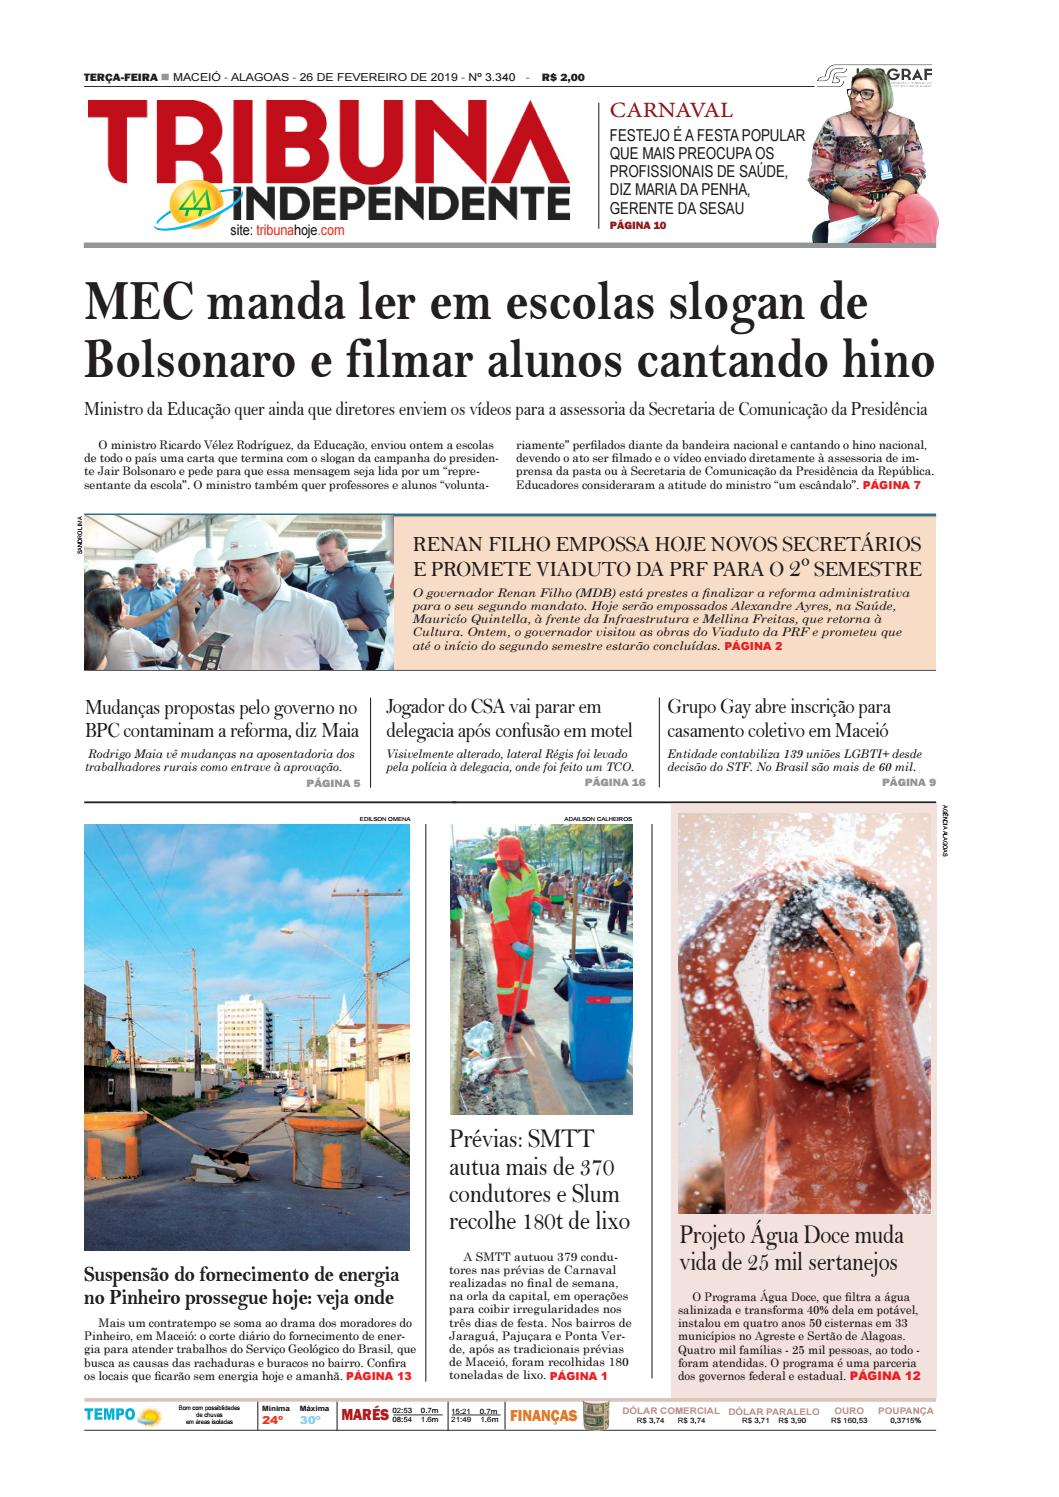 37fab1631 Edição número 3340 - 26 de fevereiro de 2019 by Tribuna Hoje - issuu